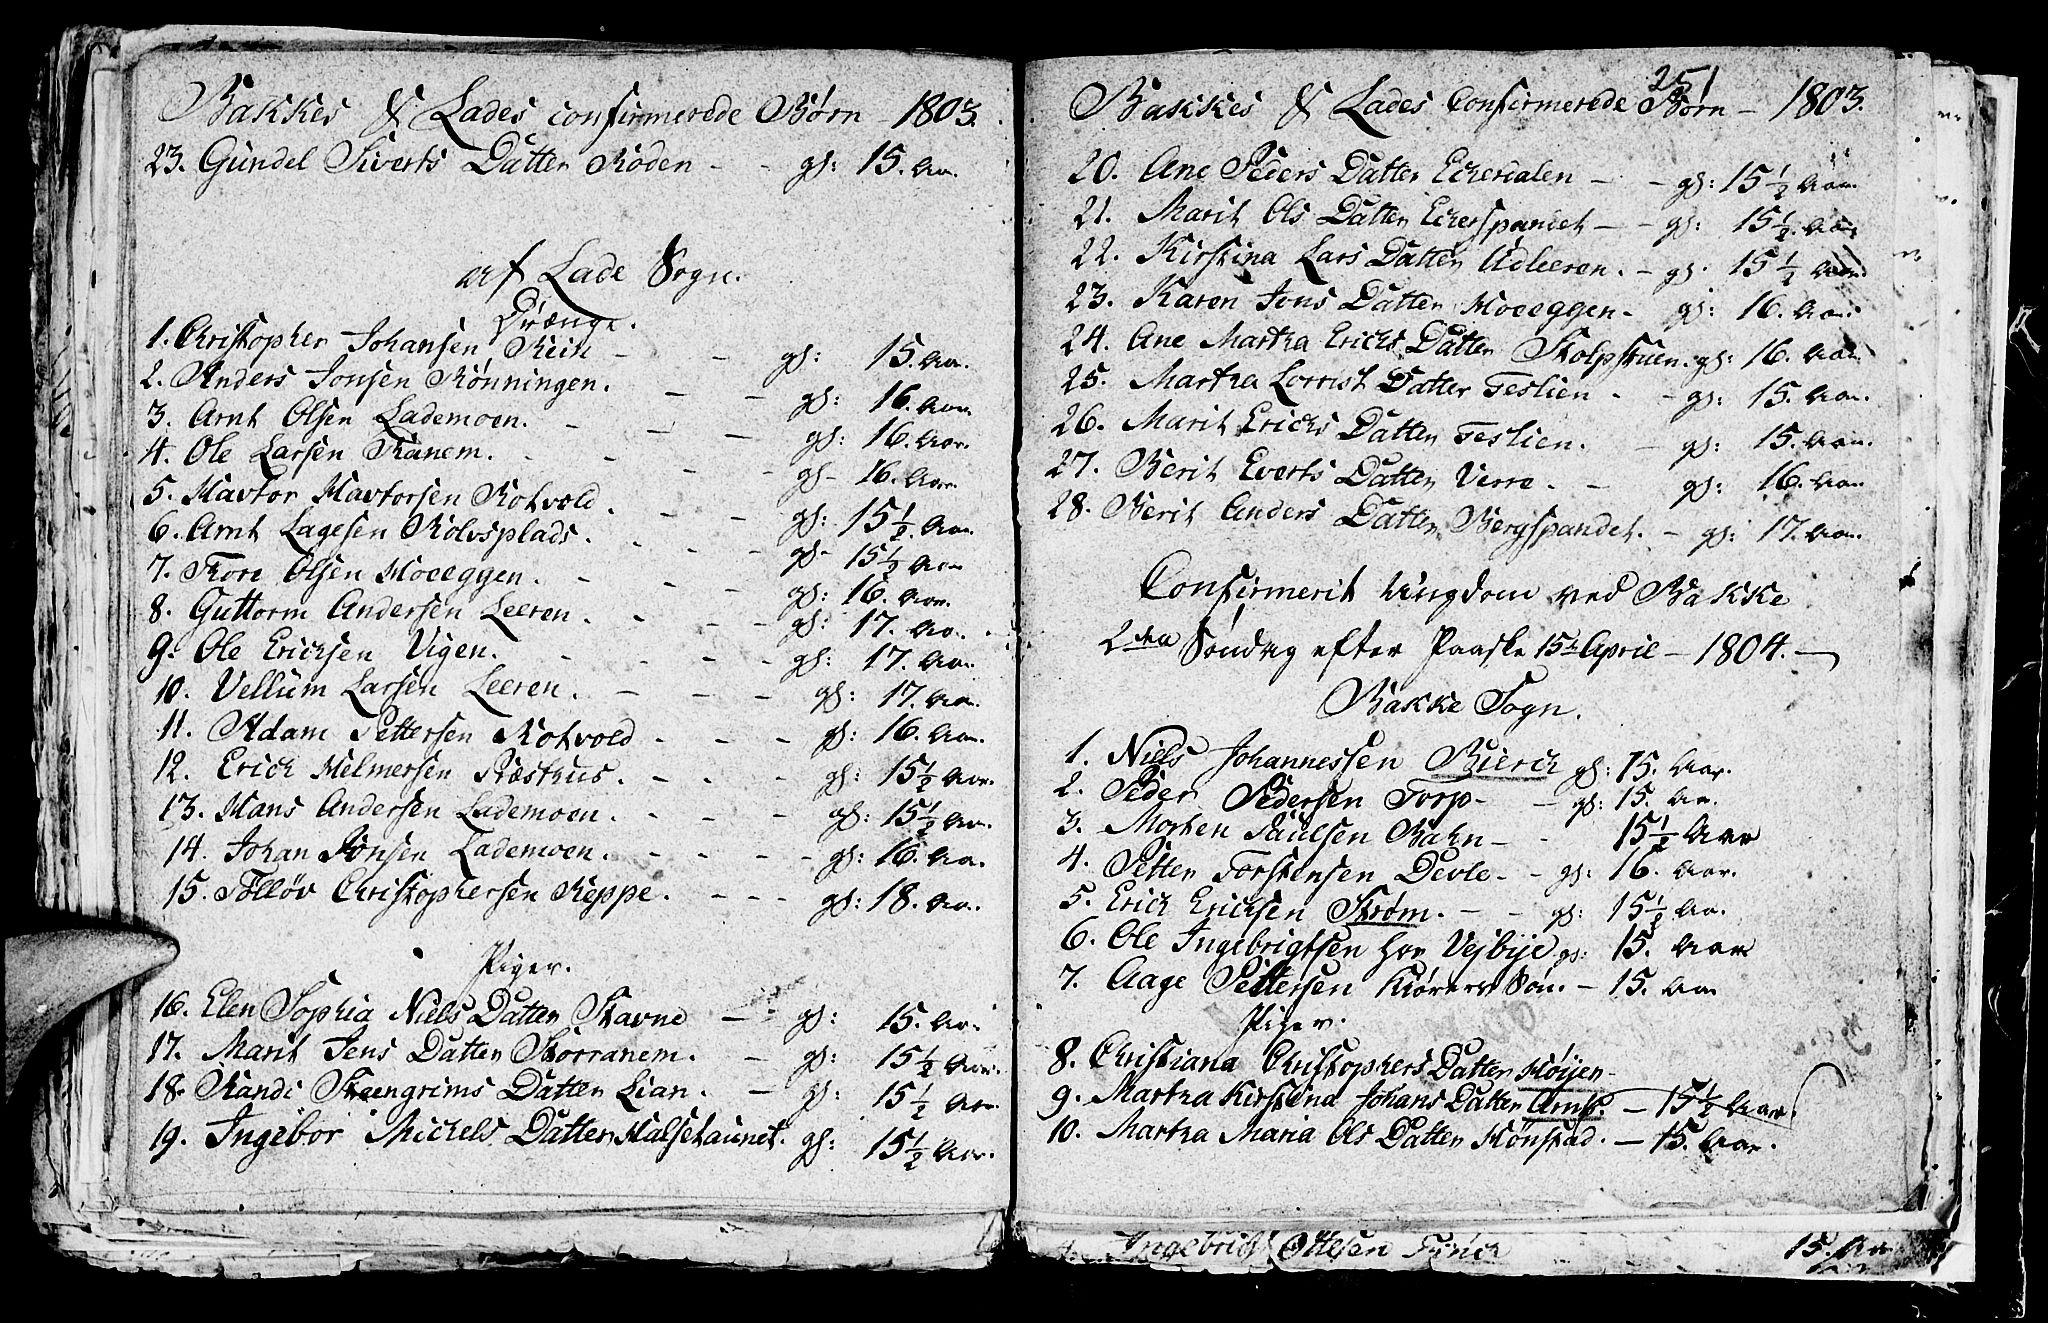 SAT, Ministerialprotokoller, klokkerbøker og fødselsregistre - Sør-Trøndelag, 604/L0218: Klokkerbok nr. 604C01, 1754-1819, s. 251